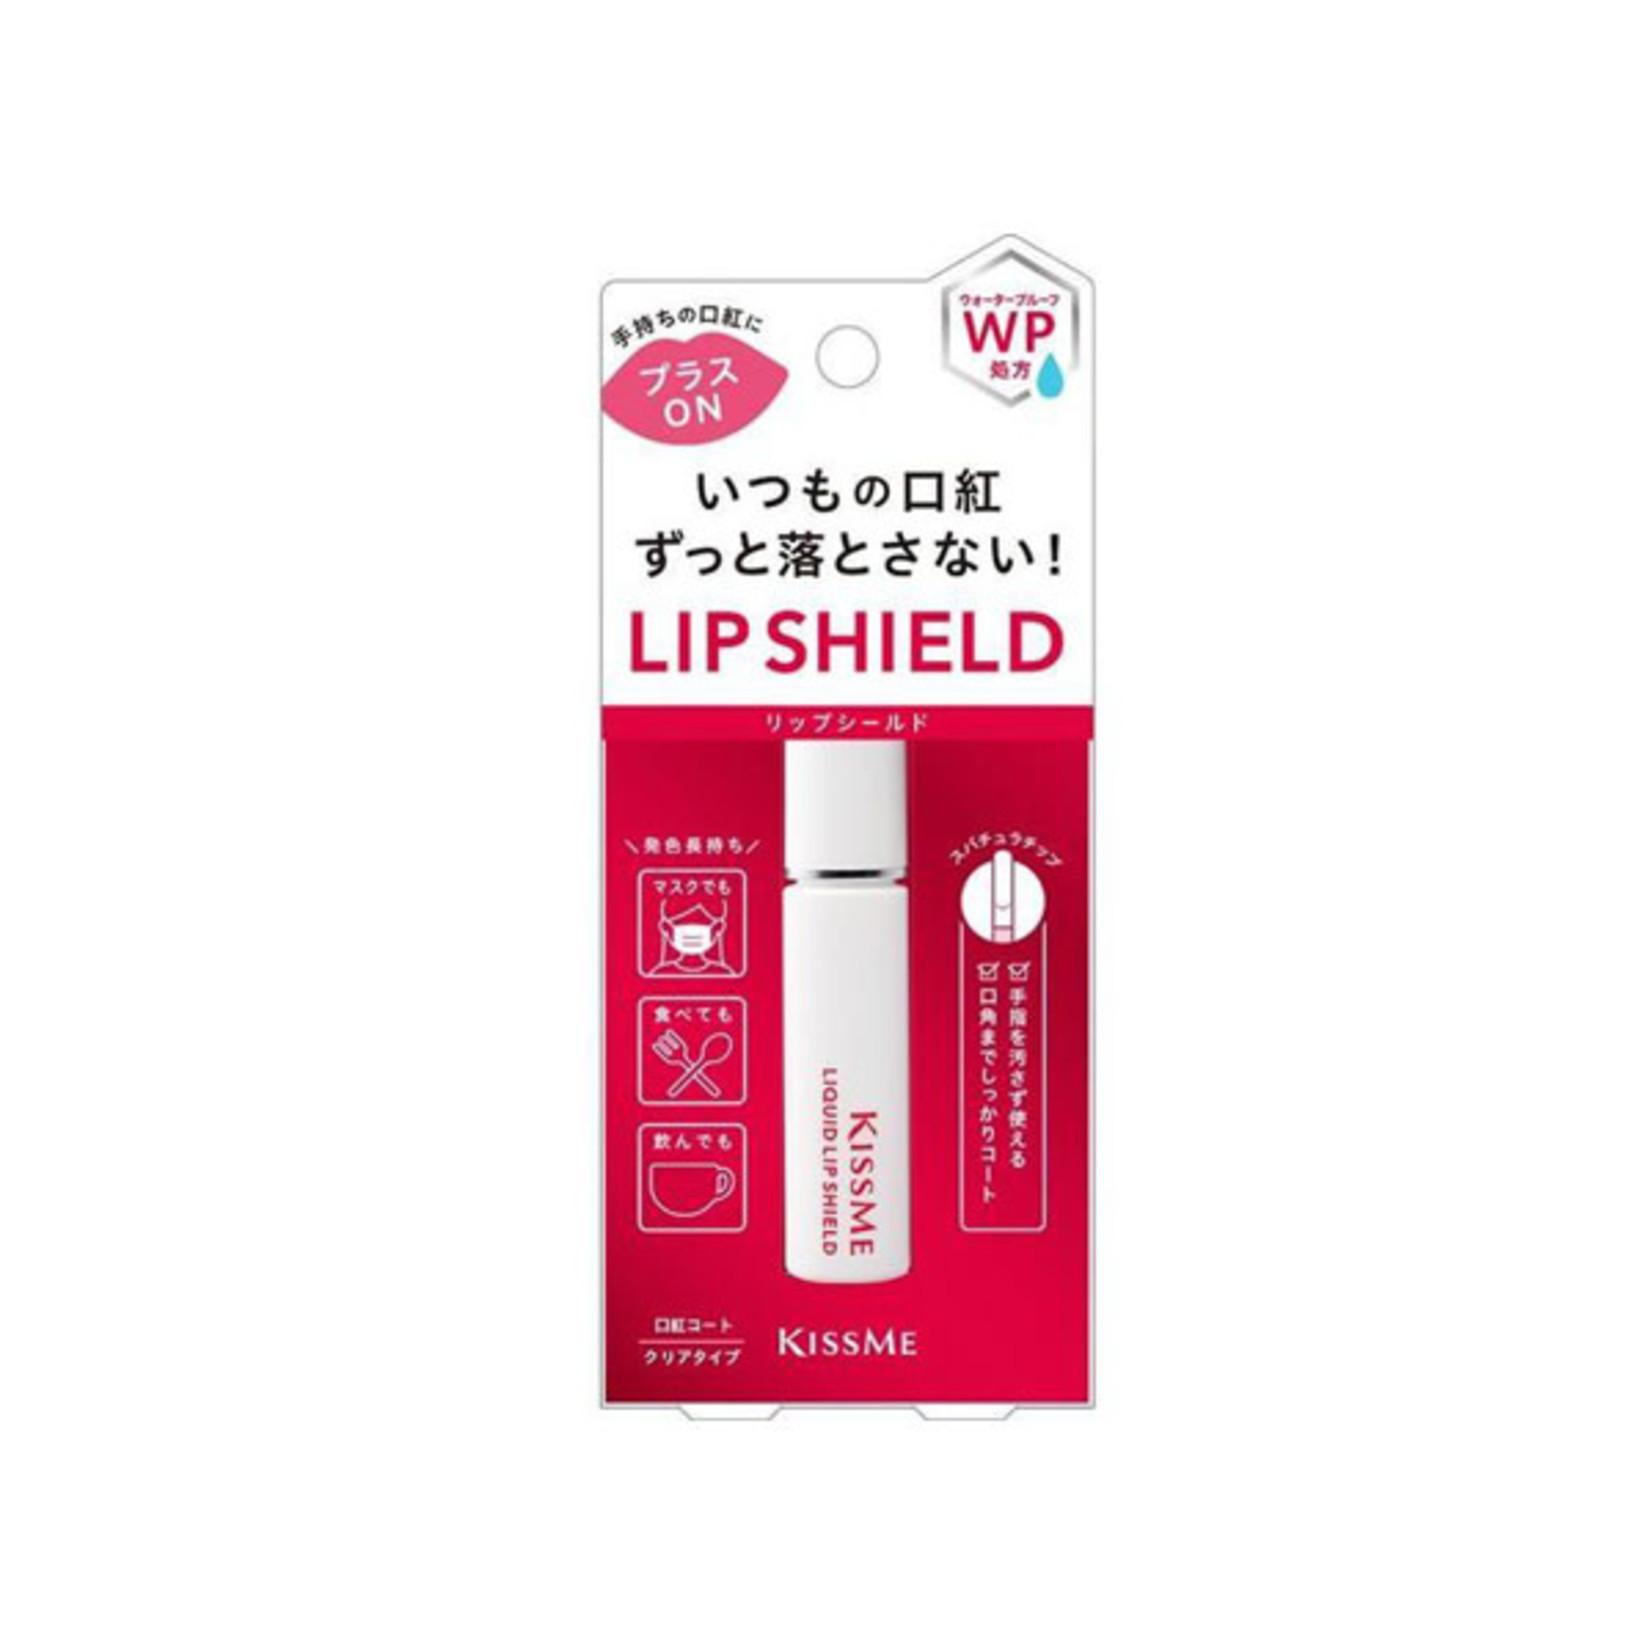 Heroine Kiss Me Liquid Lip Shield